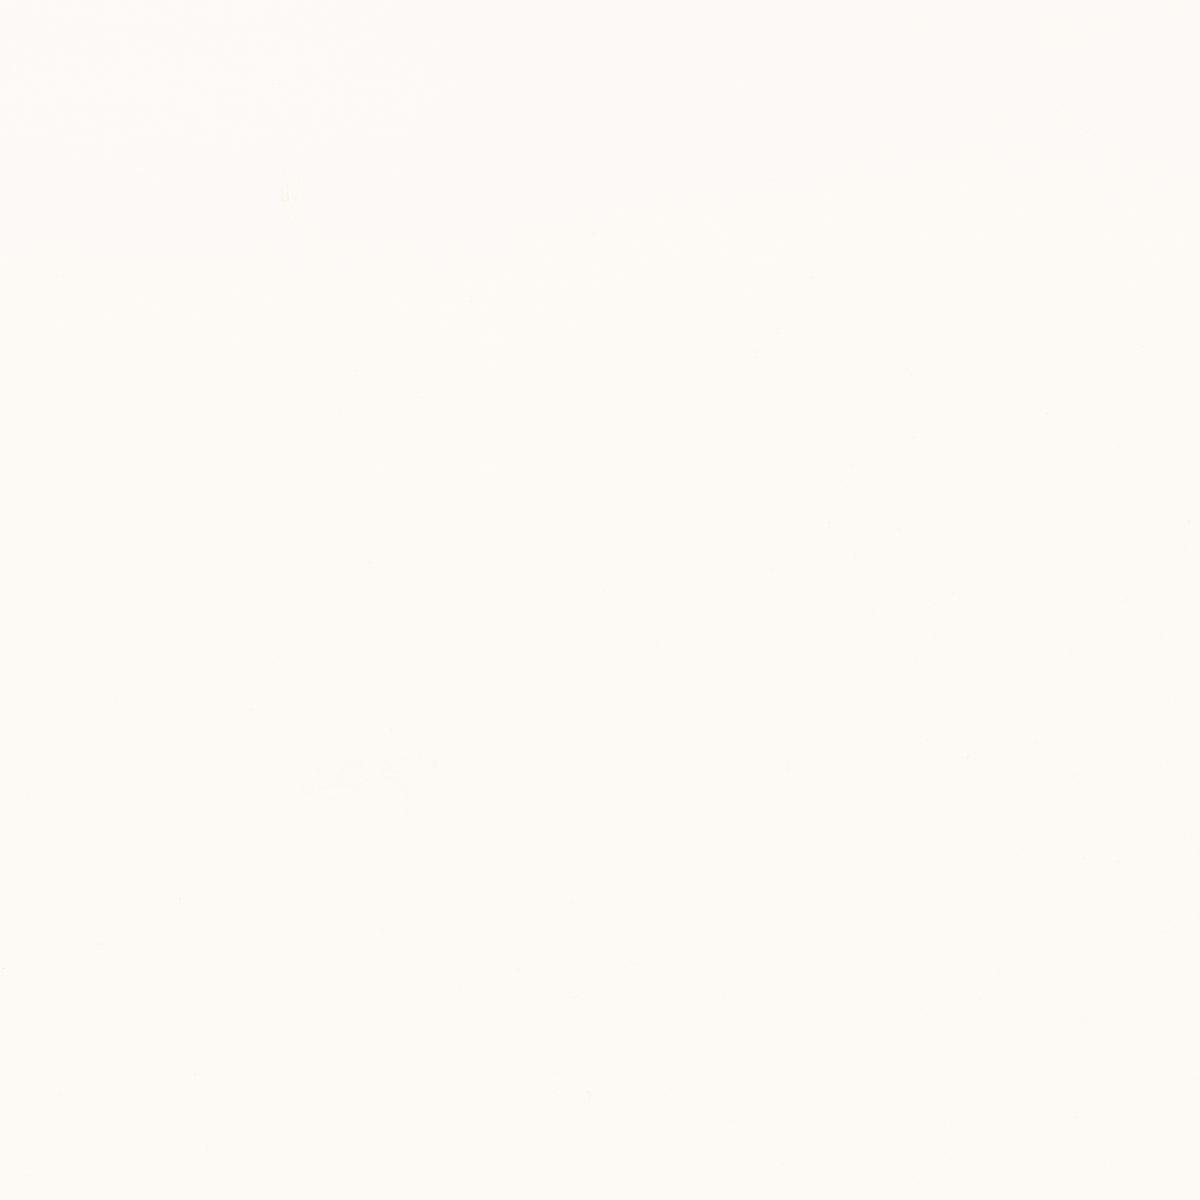 Vivido bianco - dlaždice 33,3x33,3 bílá